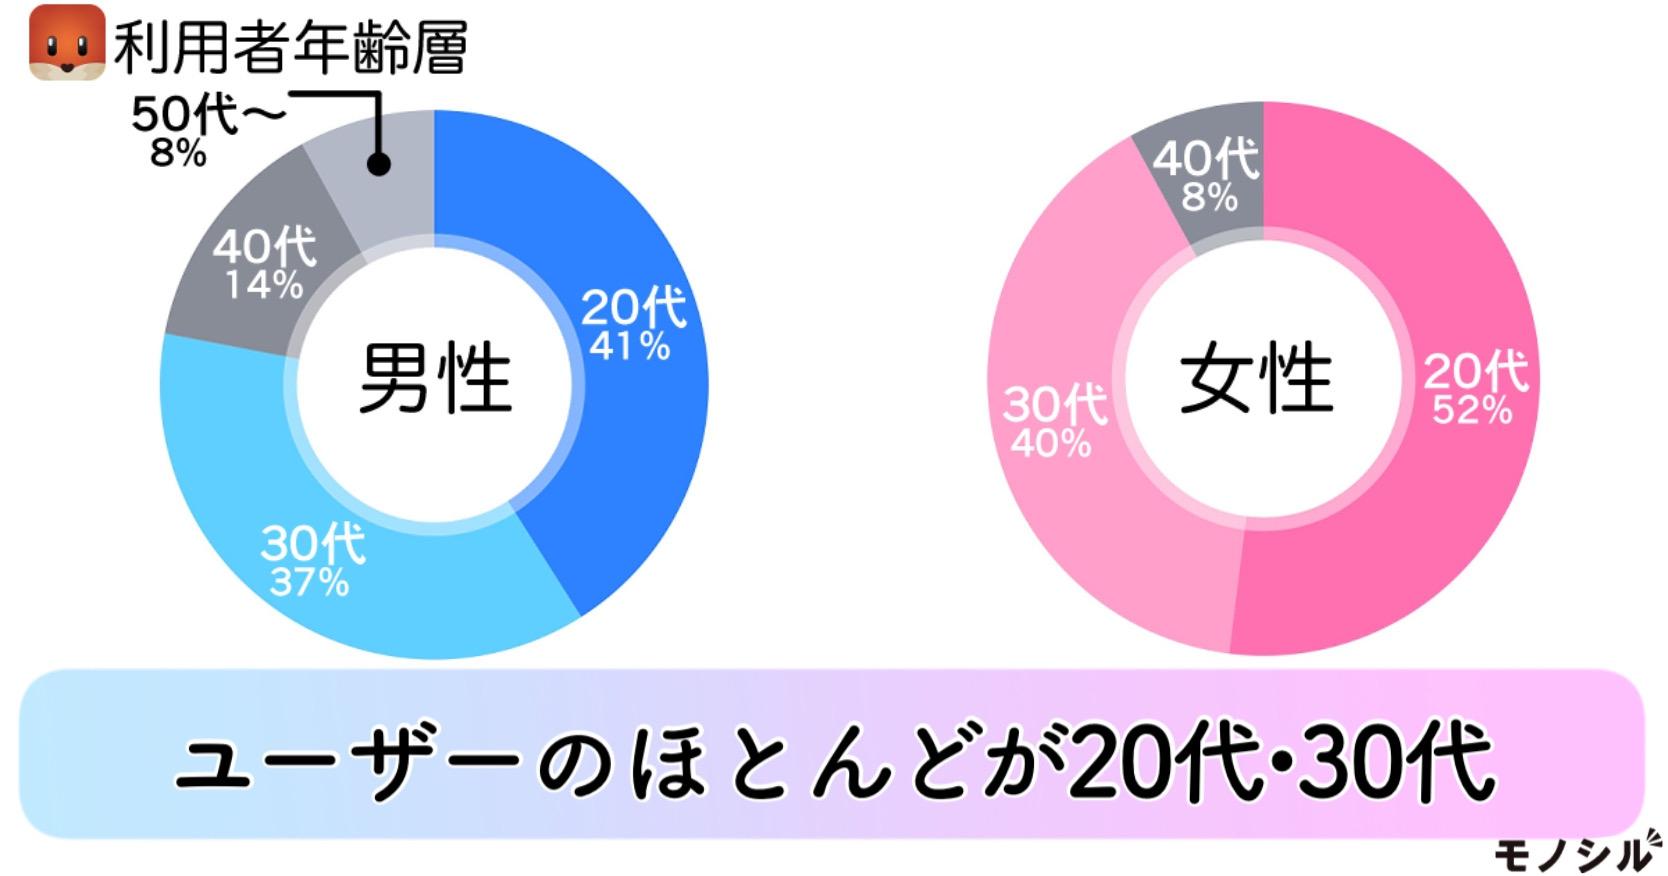 Tantan Japan Tantan(タンタン)の商品画像2 タンタン利用者の年齢層は?ユーザーのほとんどが20代・30代